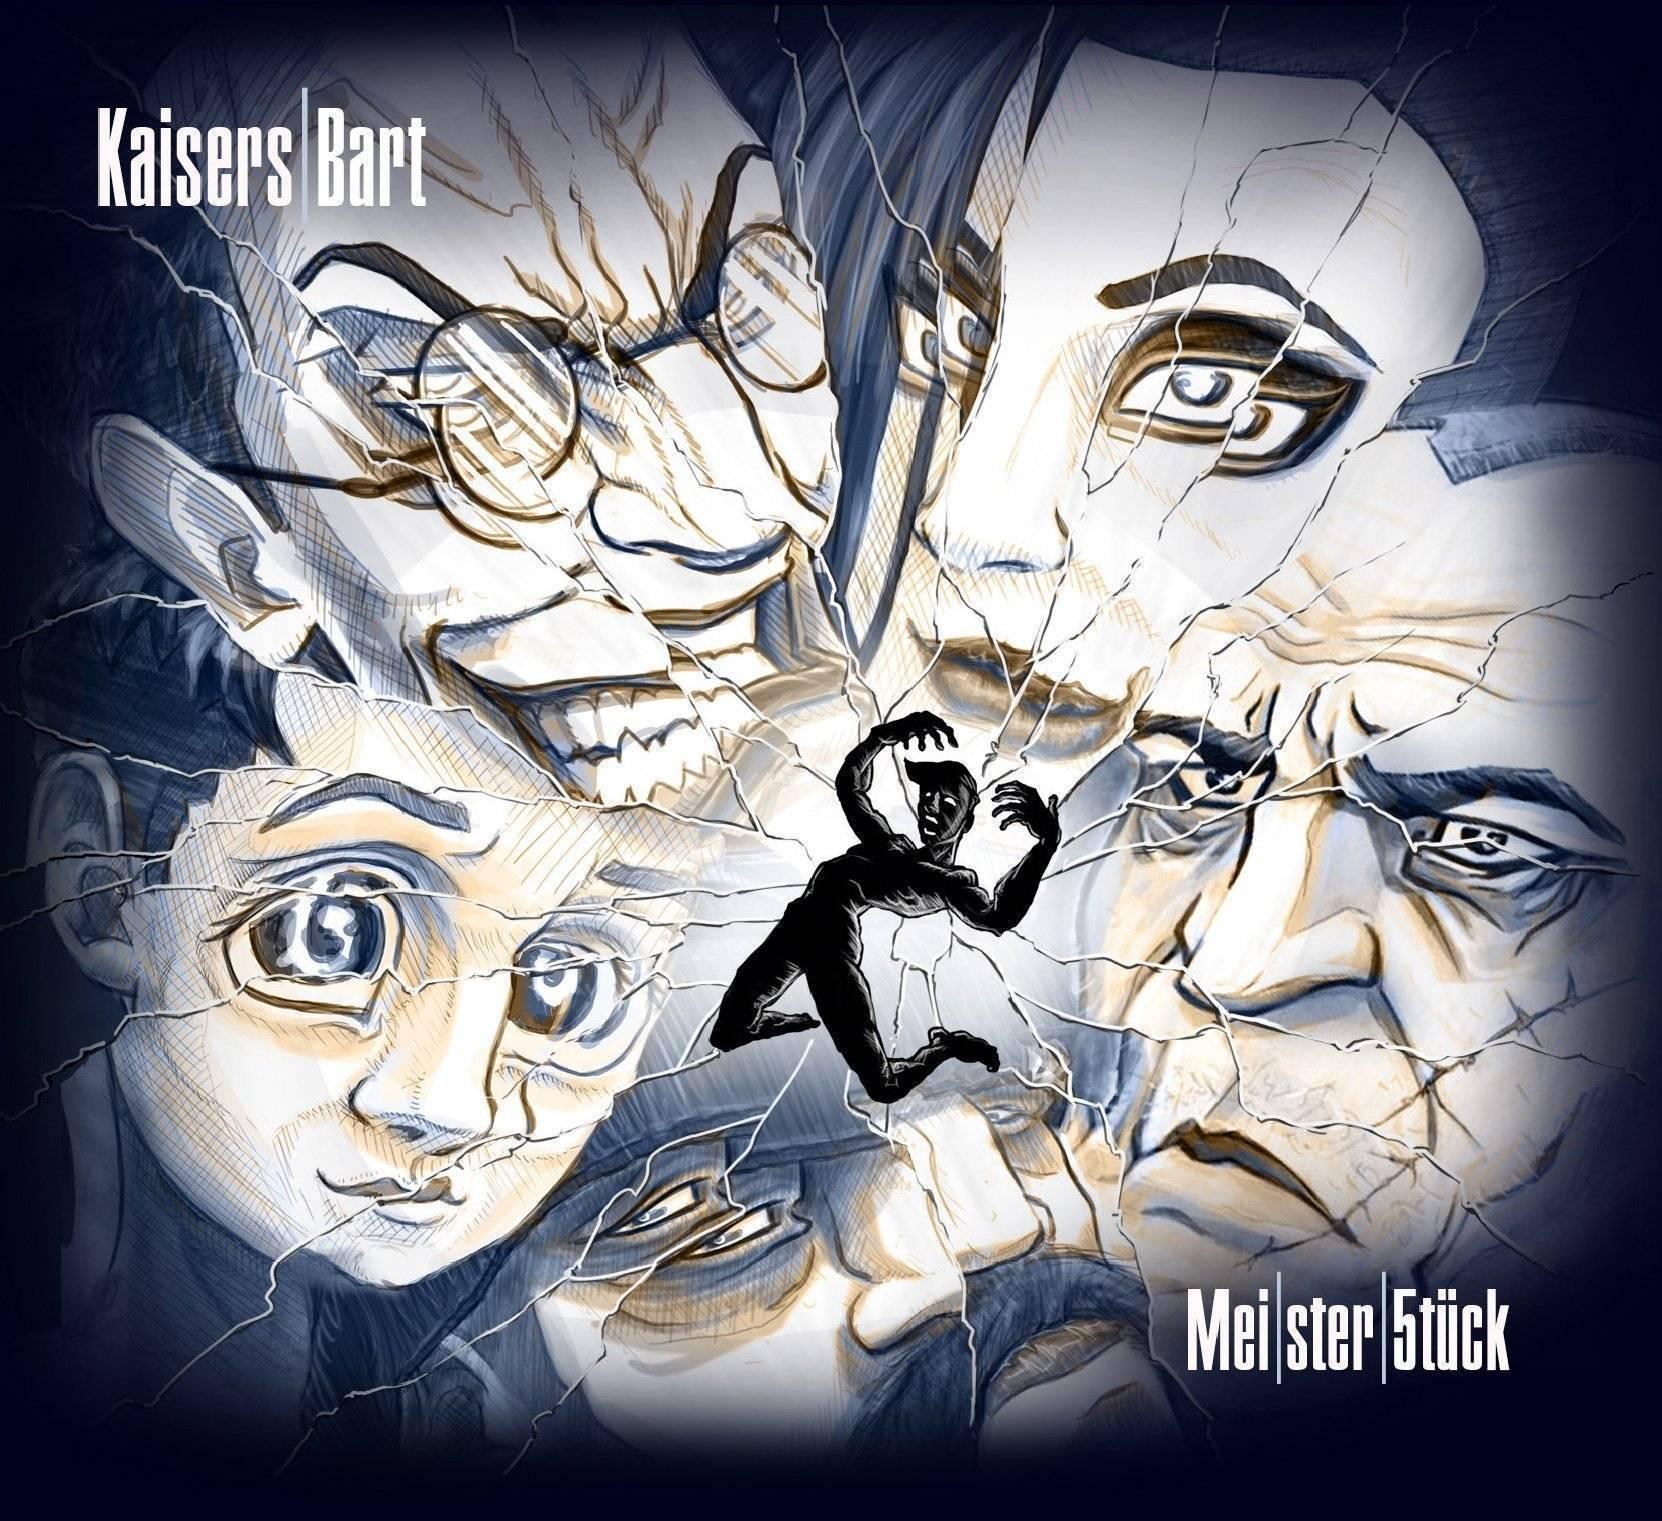 Kaisers  Bart – Meister5tück